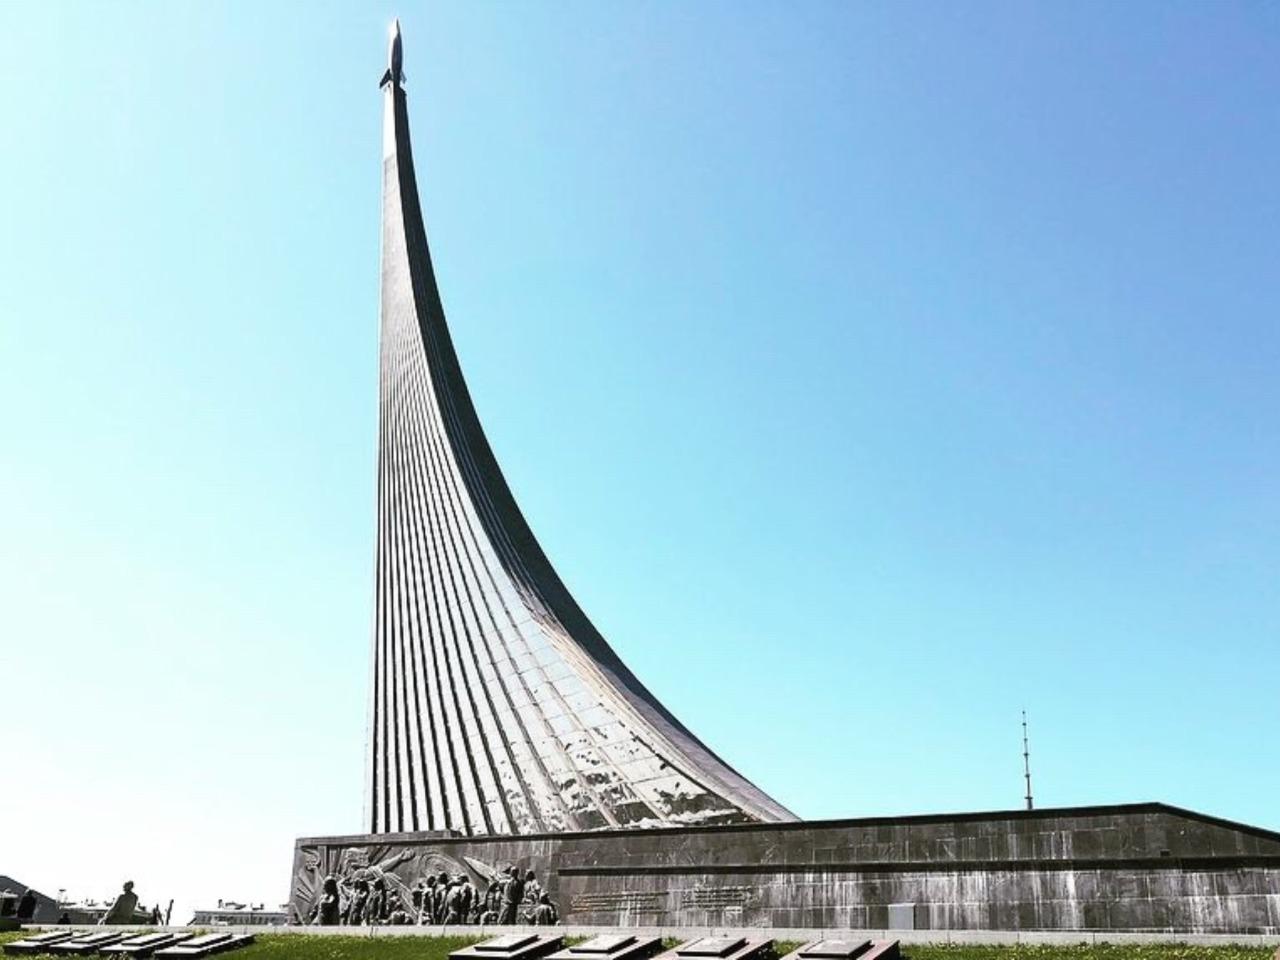 Космическое путешествие по Музею Космонавтики - групповая экскурсия по Москве от опытного гида